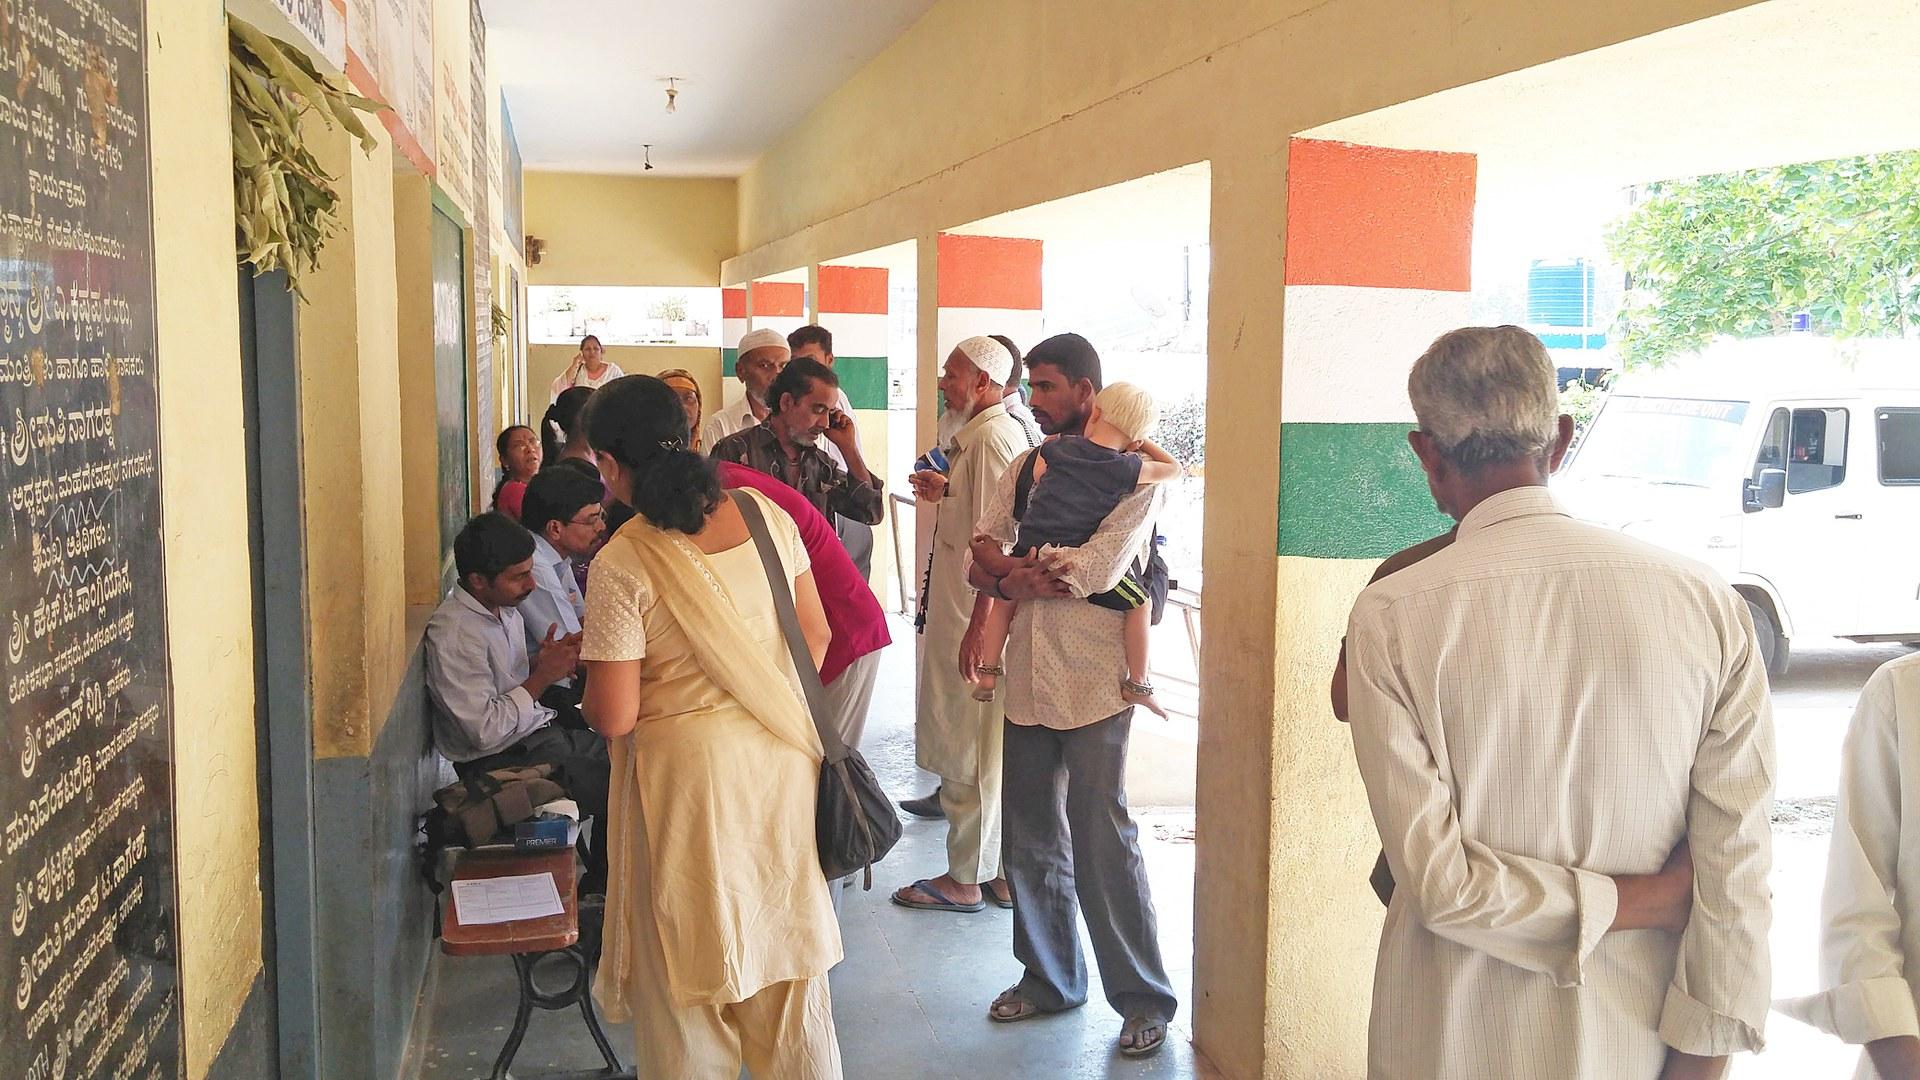 Augen-Screening mit umgerüsteten Smartphones in Indien: